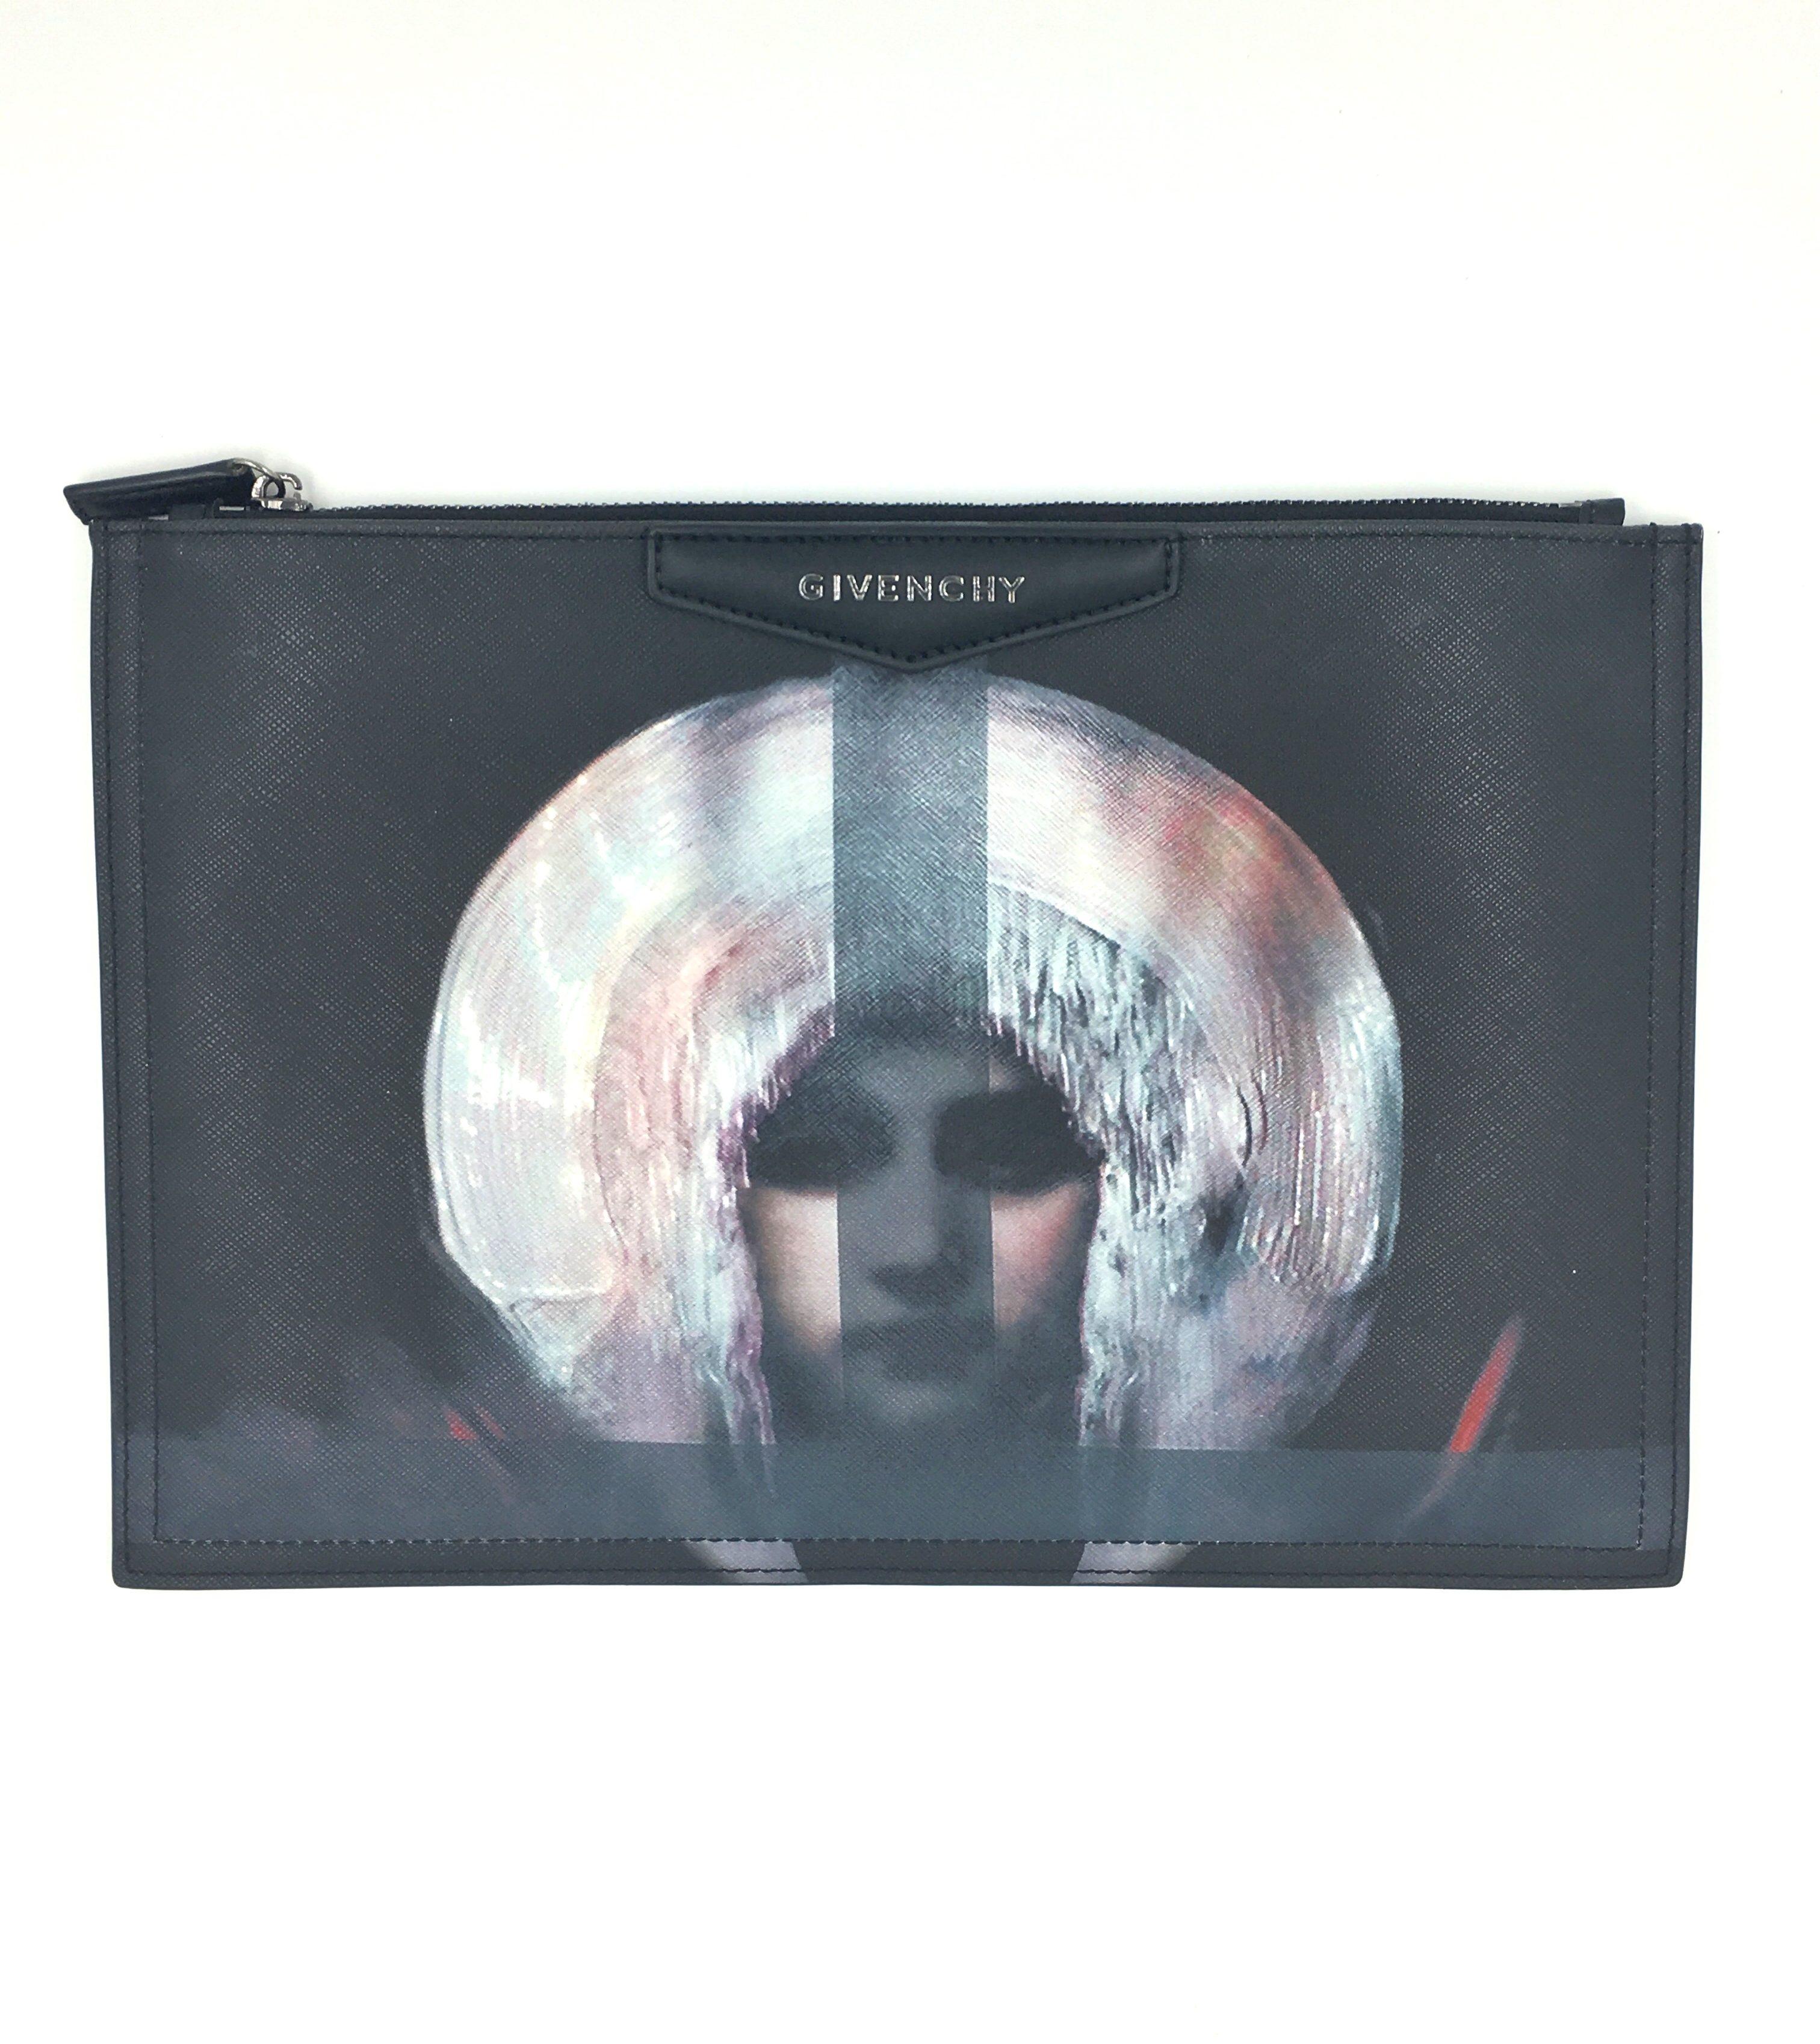 a1b159e25a Givenchy Madonna Antigona Zipped Clutch Bag – DesignerShare